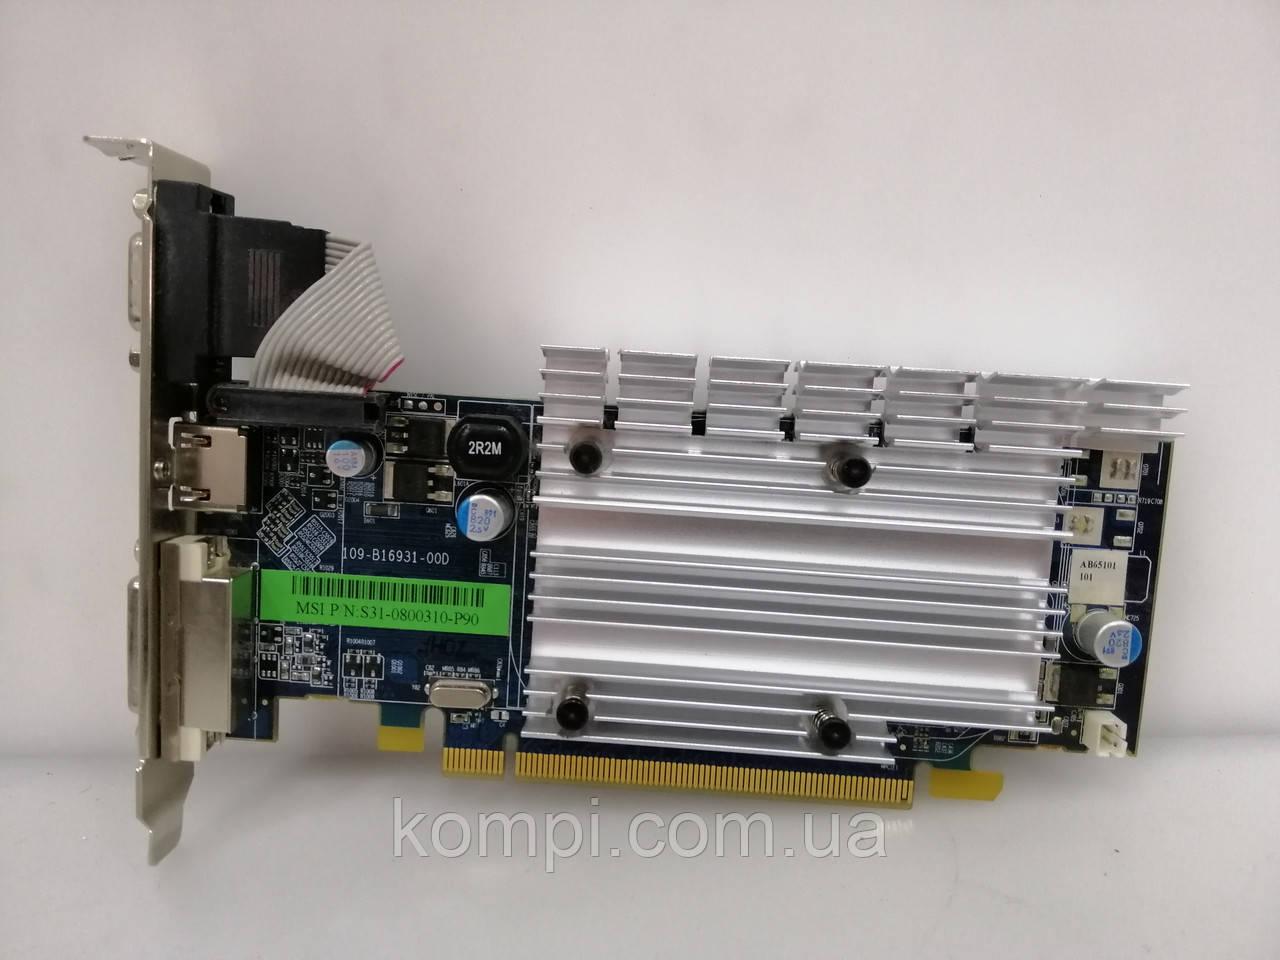 Видеокарта ATI HD 3450 256mb PCI-E